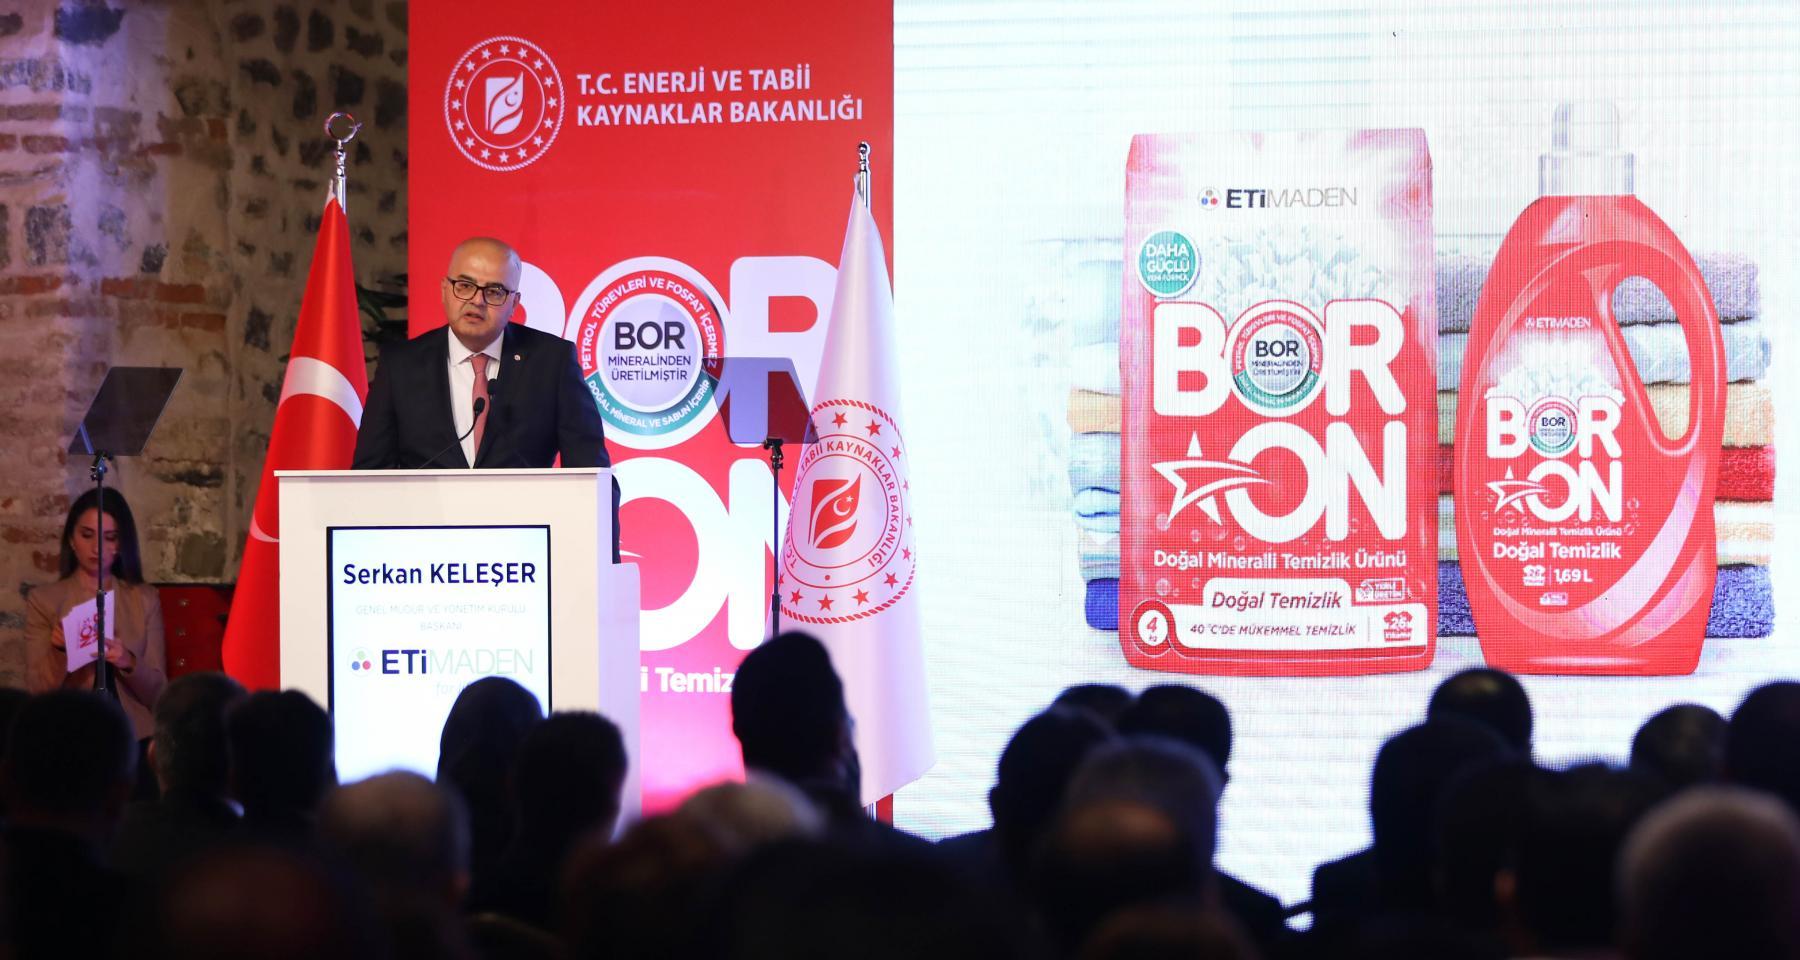 Eti Maden Genel Müdürü ve Yönetim Kurulu Başkanı Serkan Keleşer